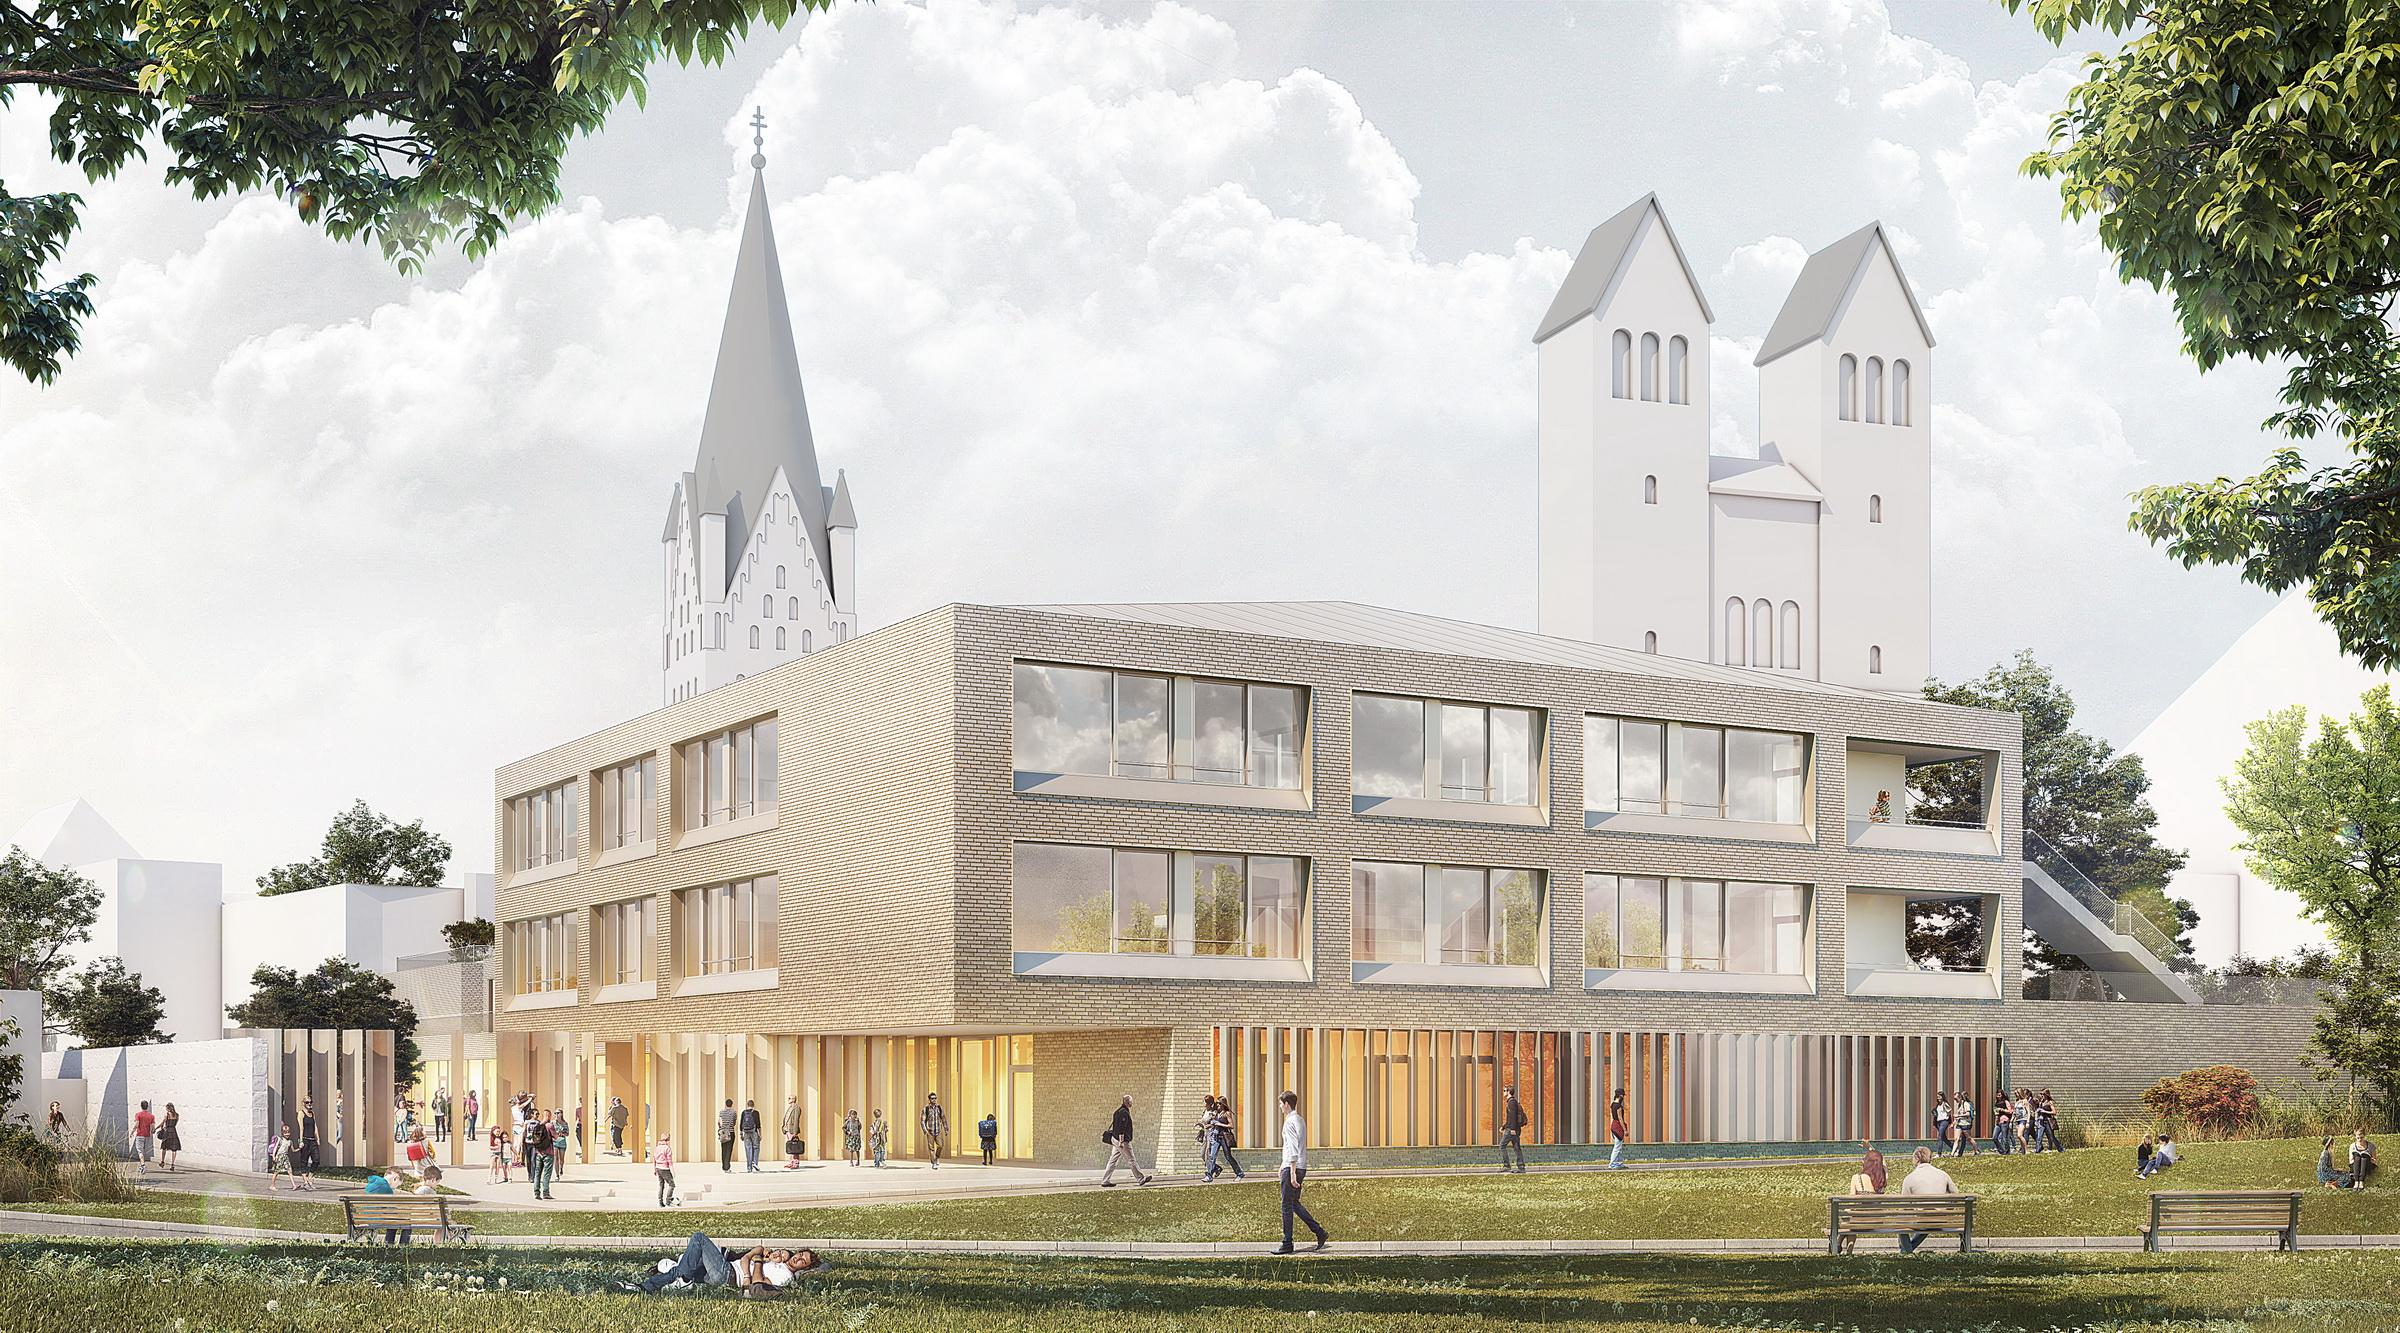 Erzbistum_Paderborn_Grundschule_St_Michael_VRayCam003_170731_05